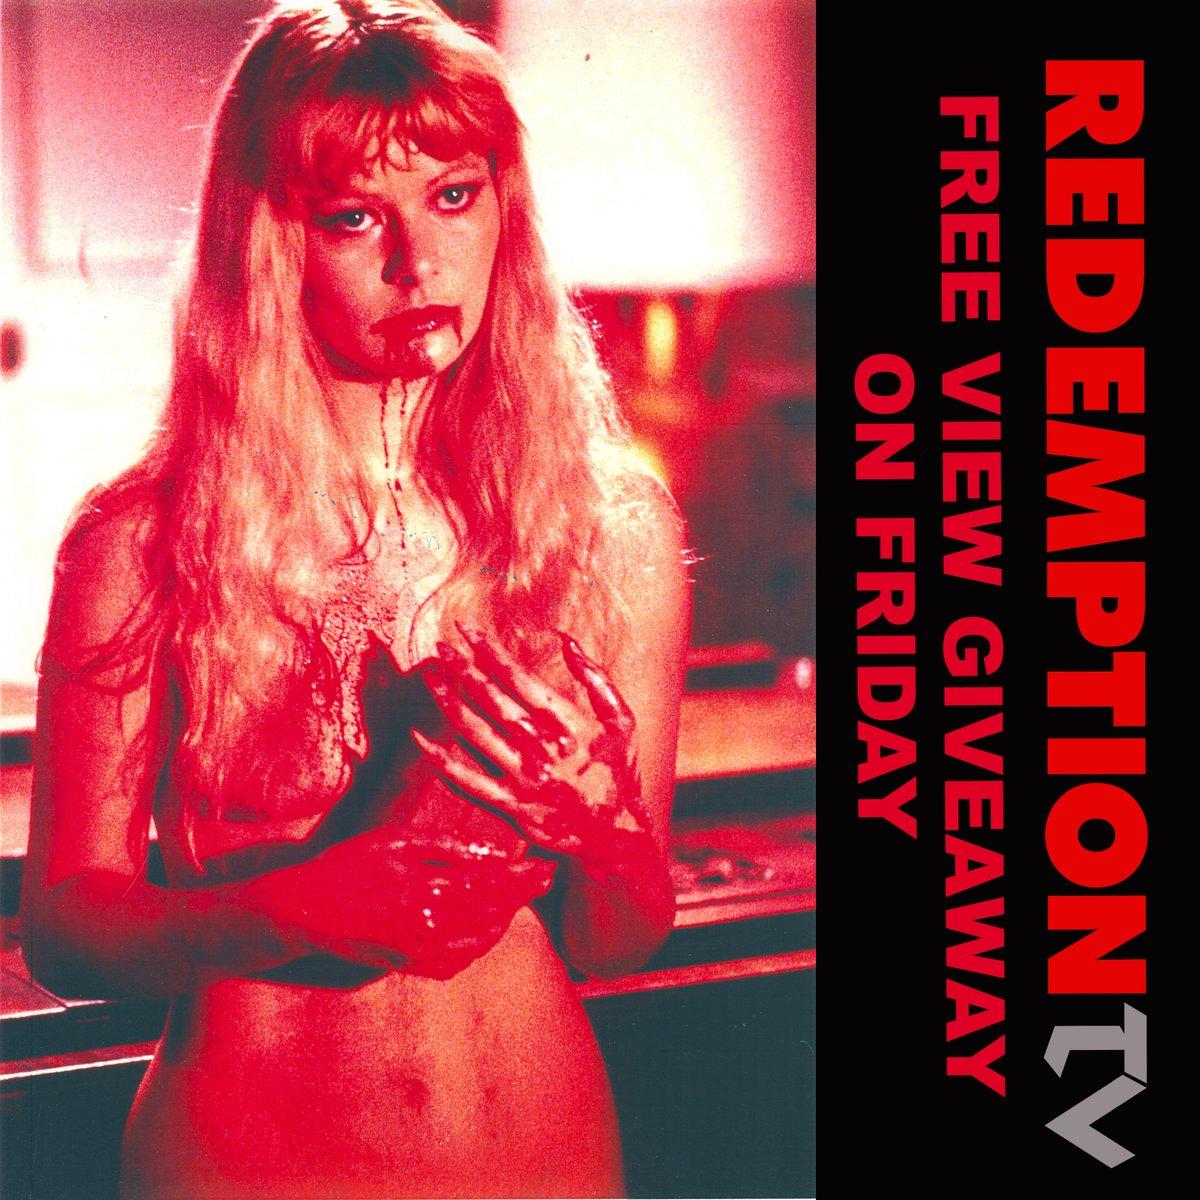 RedemptionFilms photo